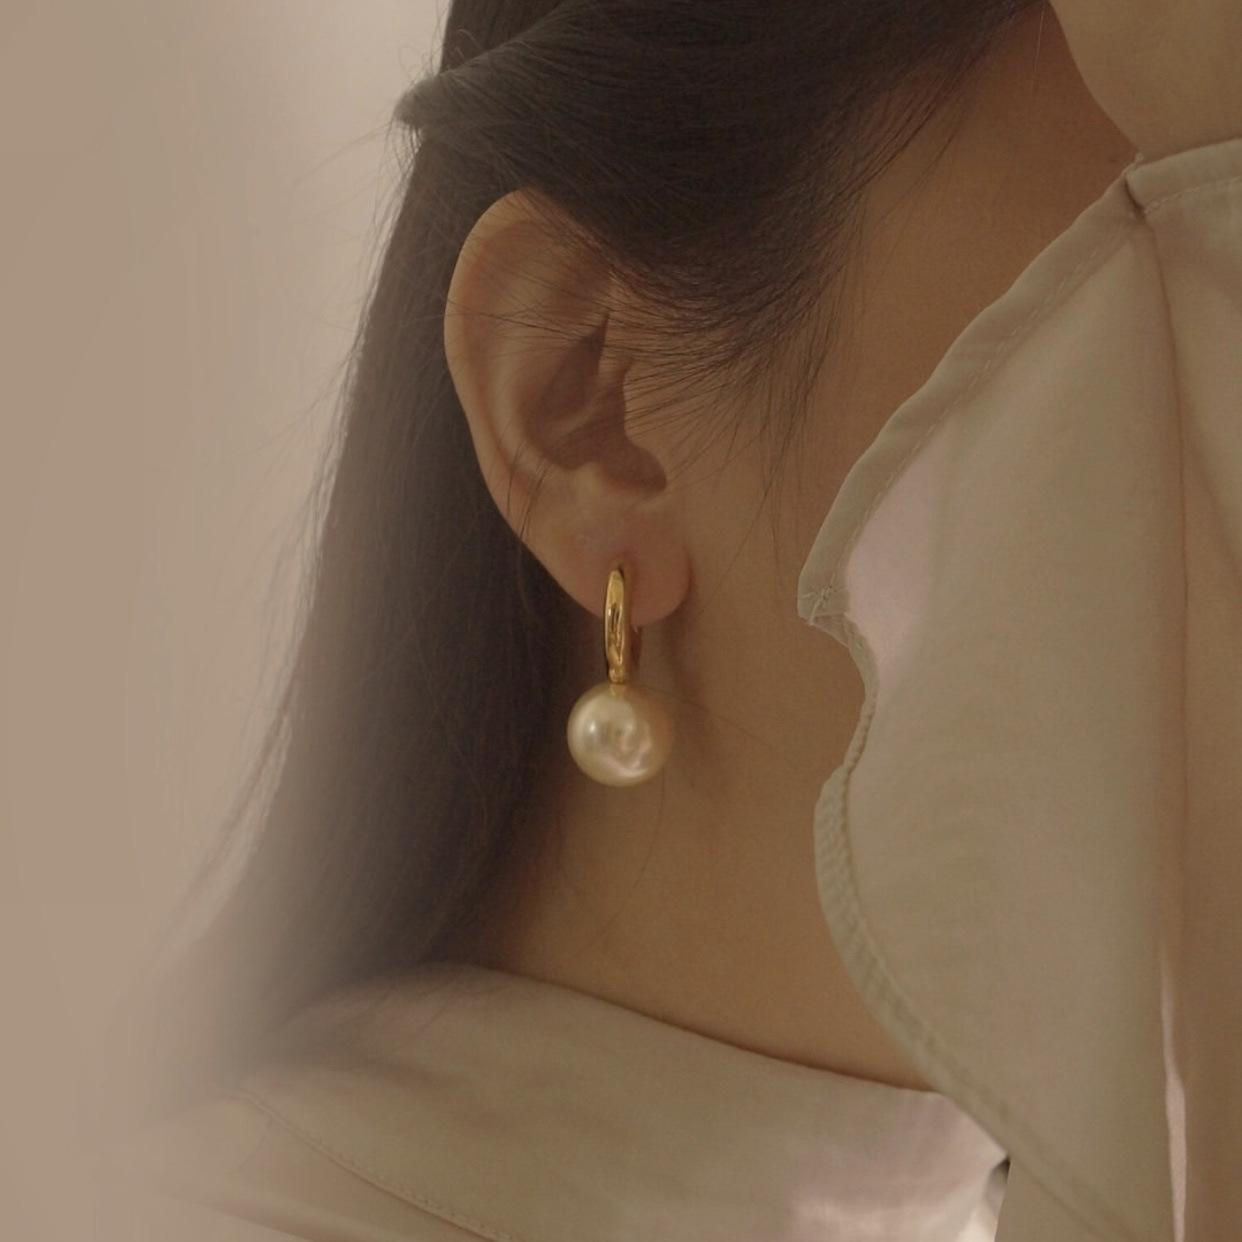 FUYIins博主达人法式时尚chic环状仿珍珠耳钉 铜镀金环耳环 简约